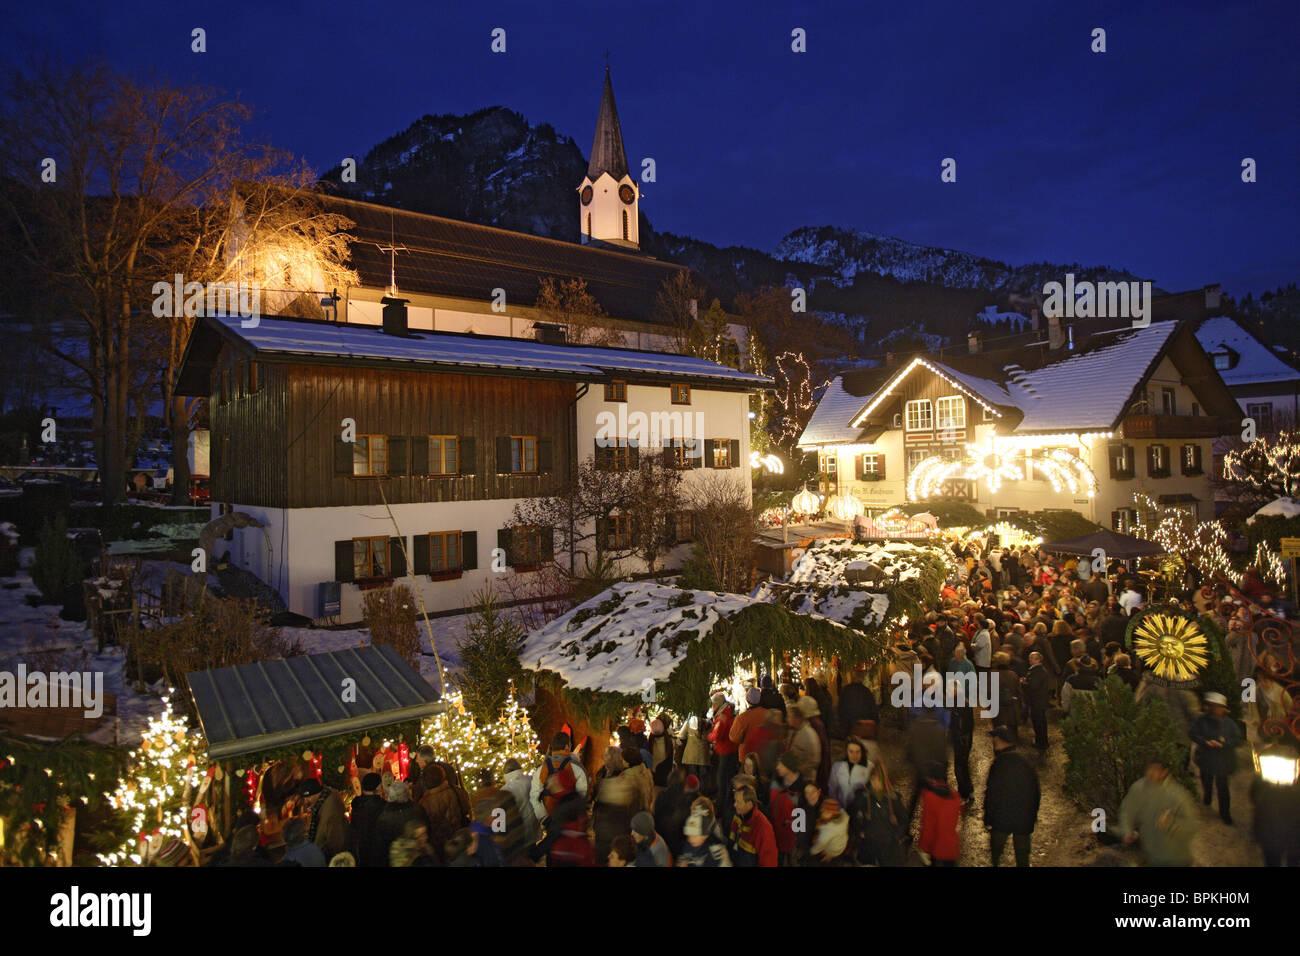 Bad Hindelang Weihnachtsmarkt.Weihnachtsmarkt In Bad Hindelang Allgau Schwaben Bayern